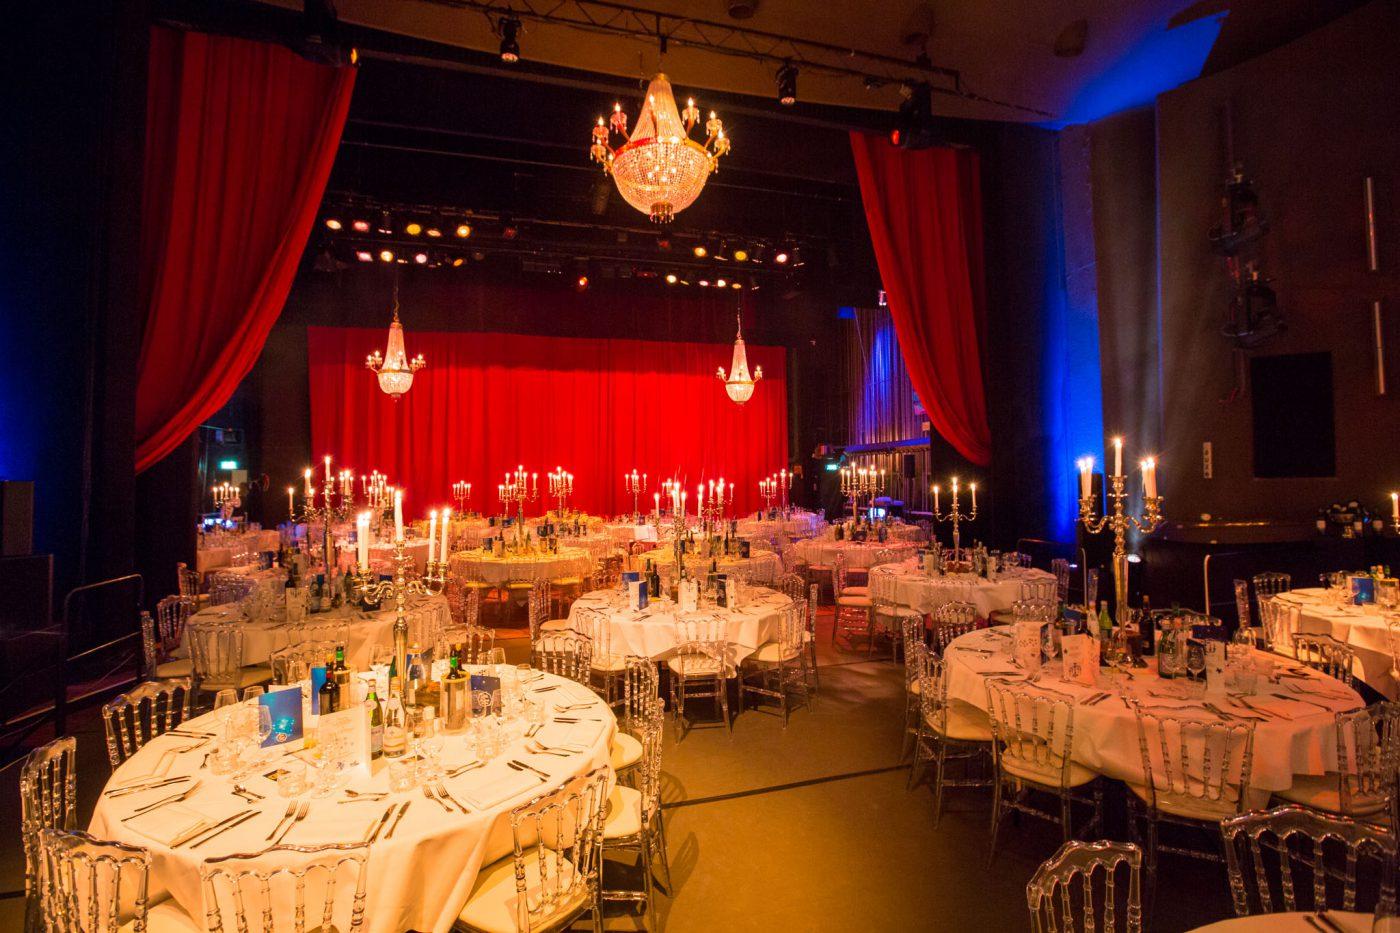 Diner op het podium van het Theater bij Gooiland evenementenlocatie